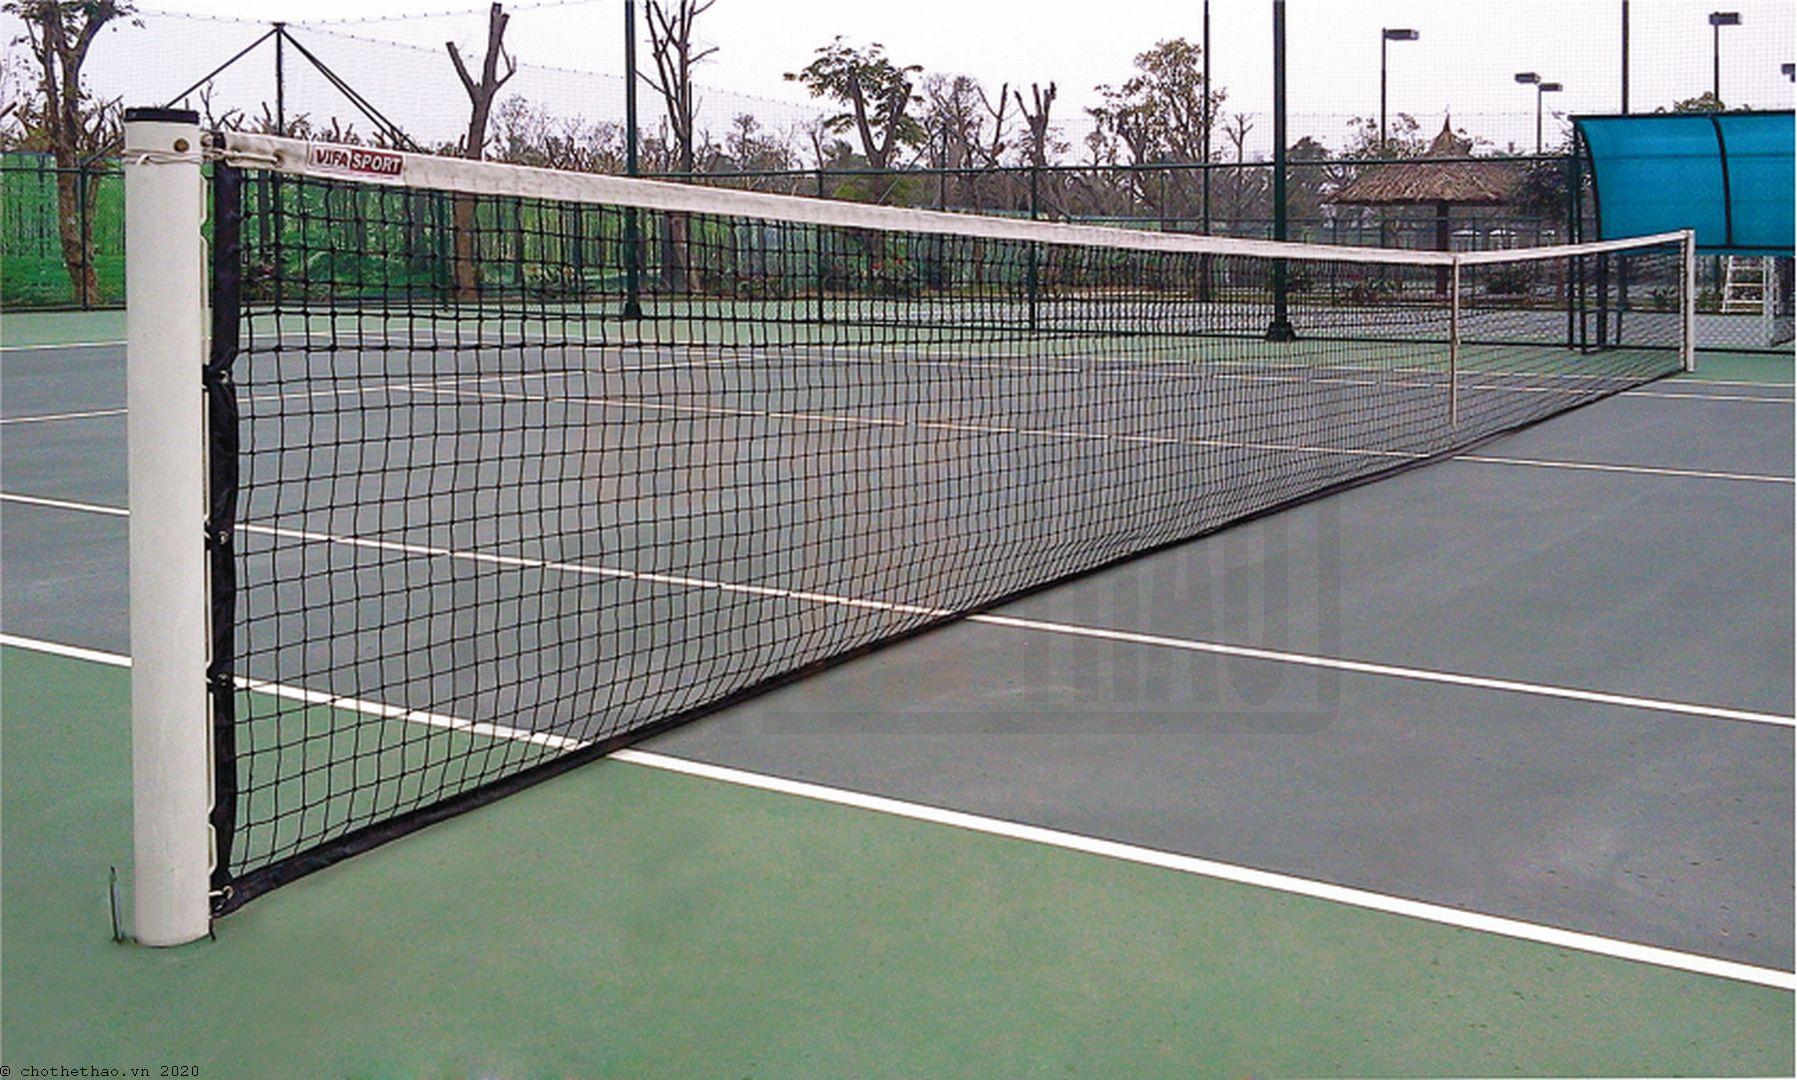 Lưới Tennis 12,7m x 1,07m 323348C